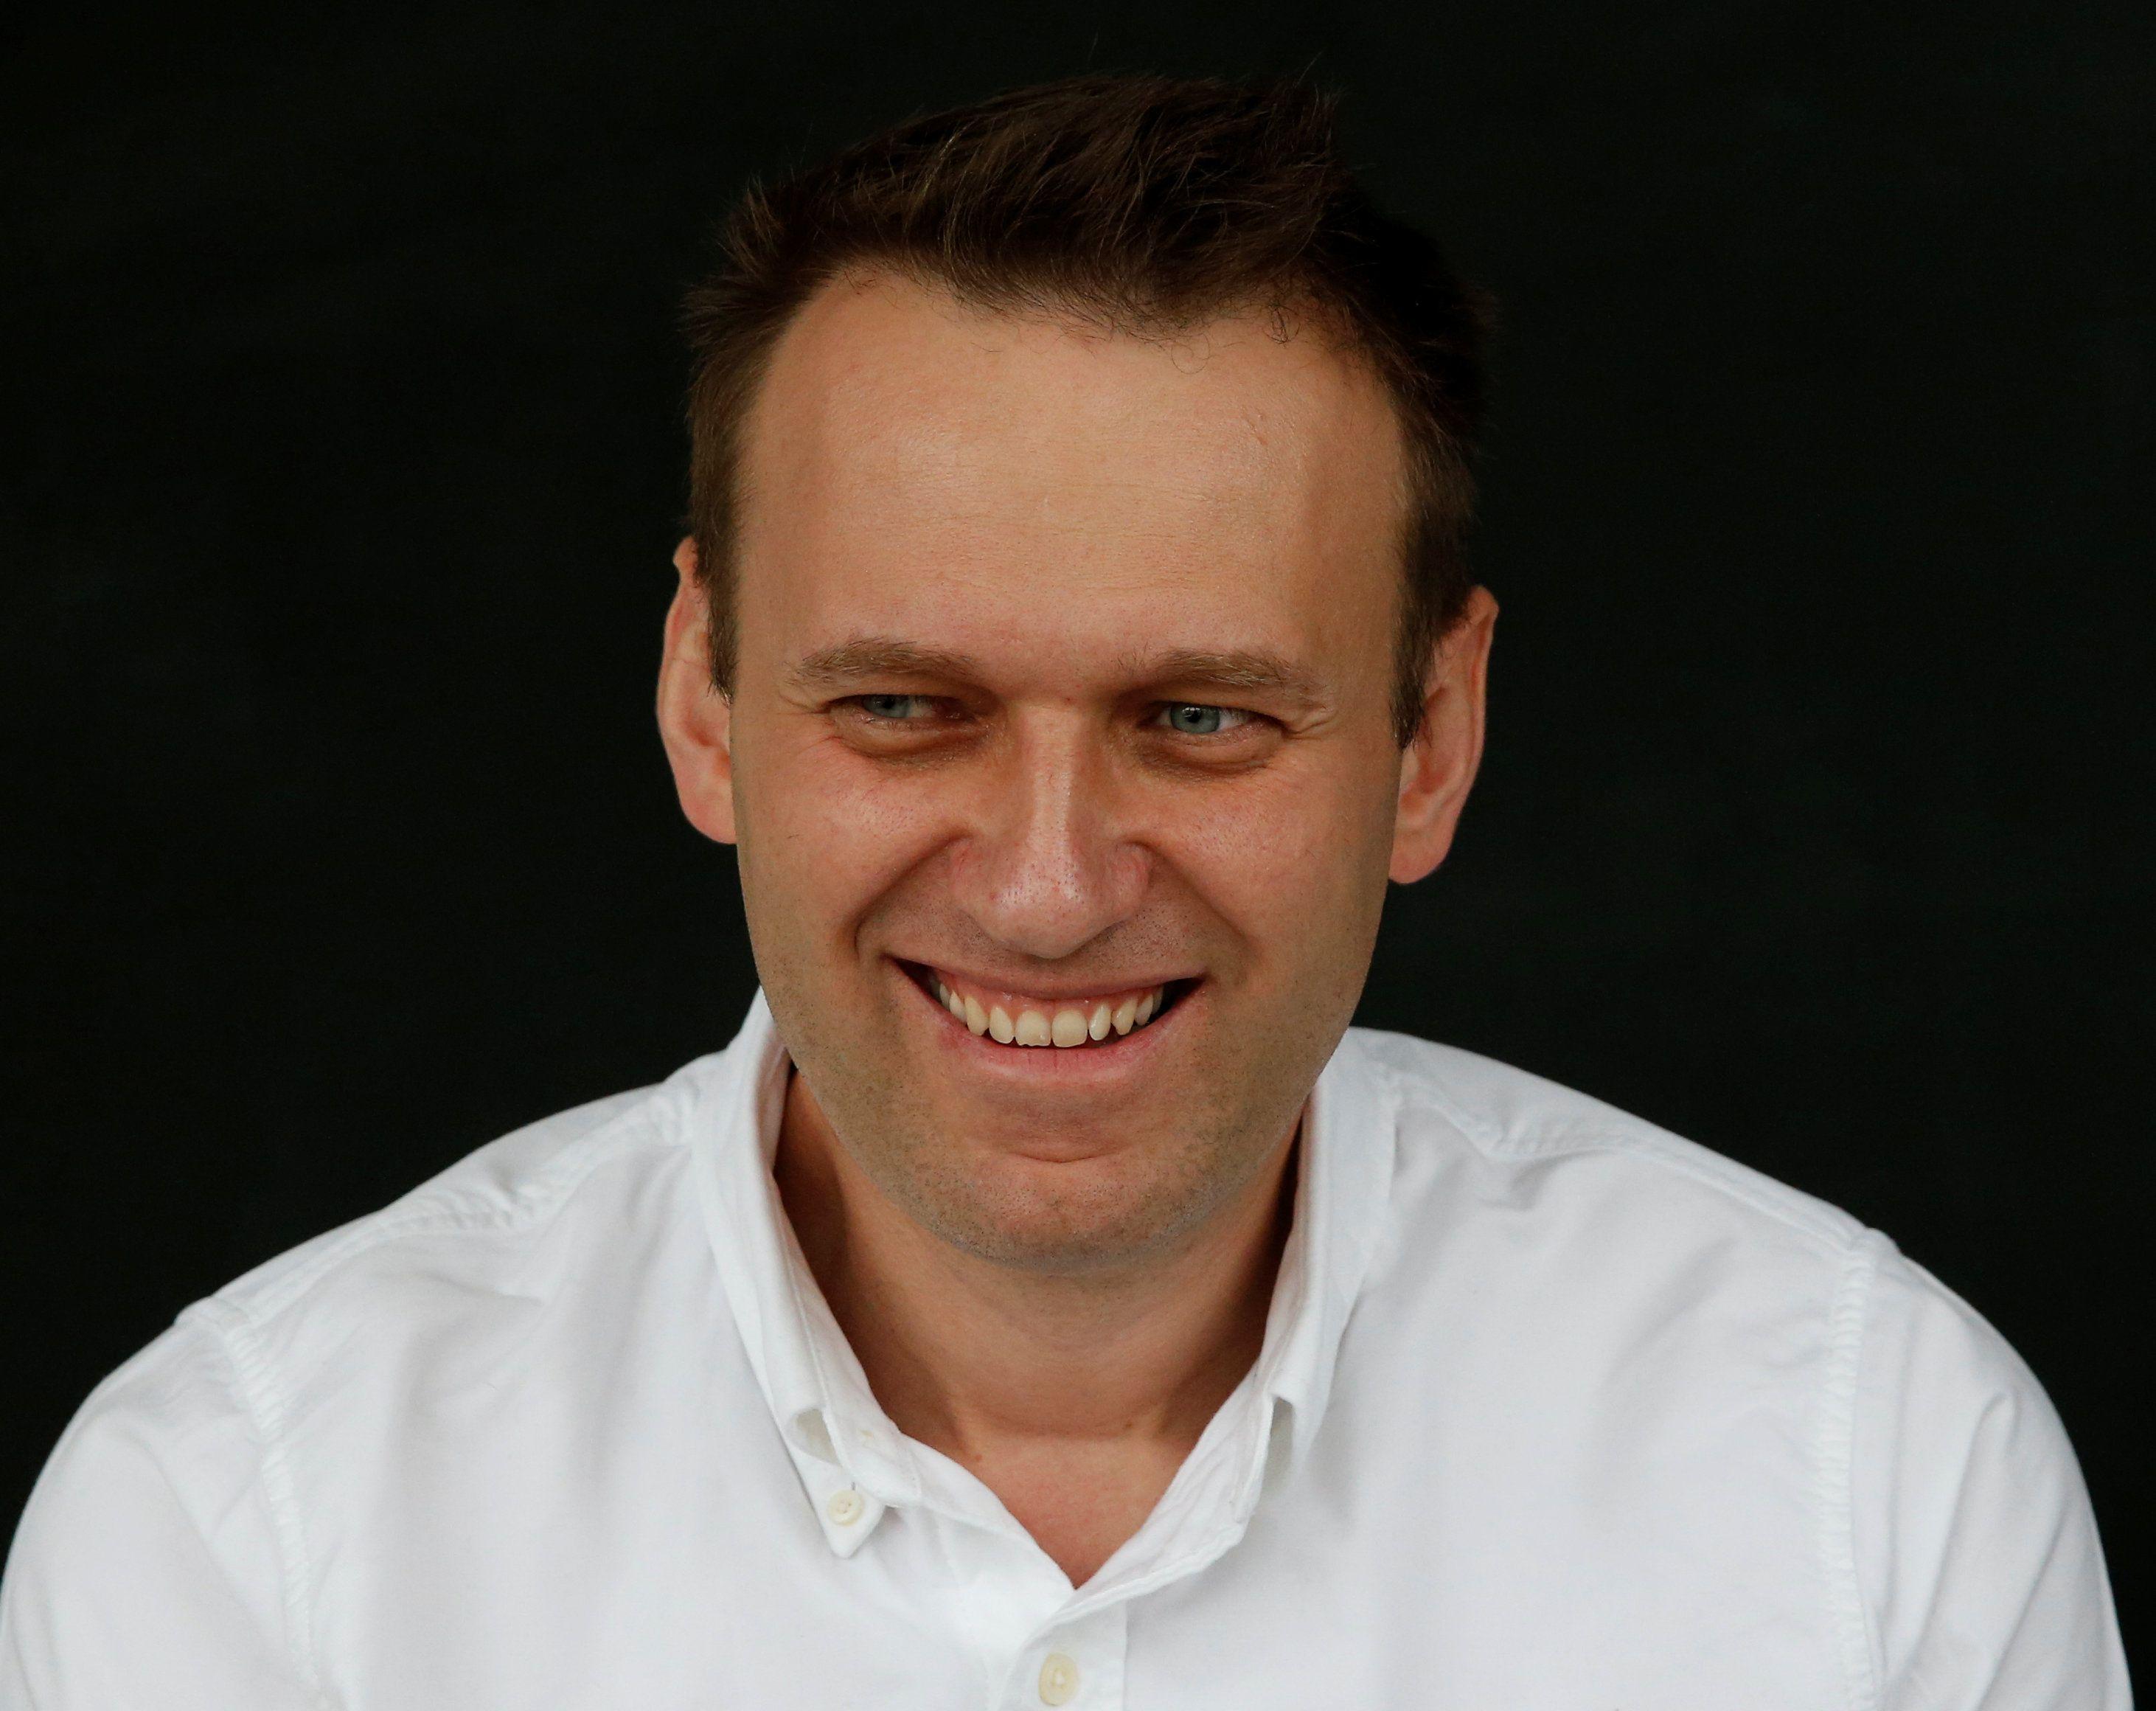 Токсиколог стверджує, що у Навального були проблеми з травленням – Навальний новини сьогодні